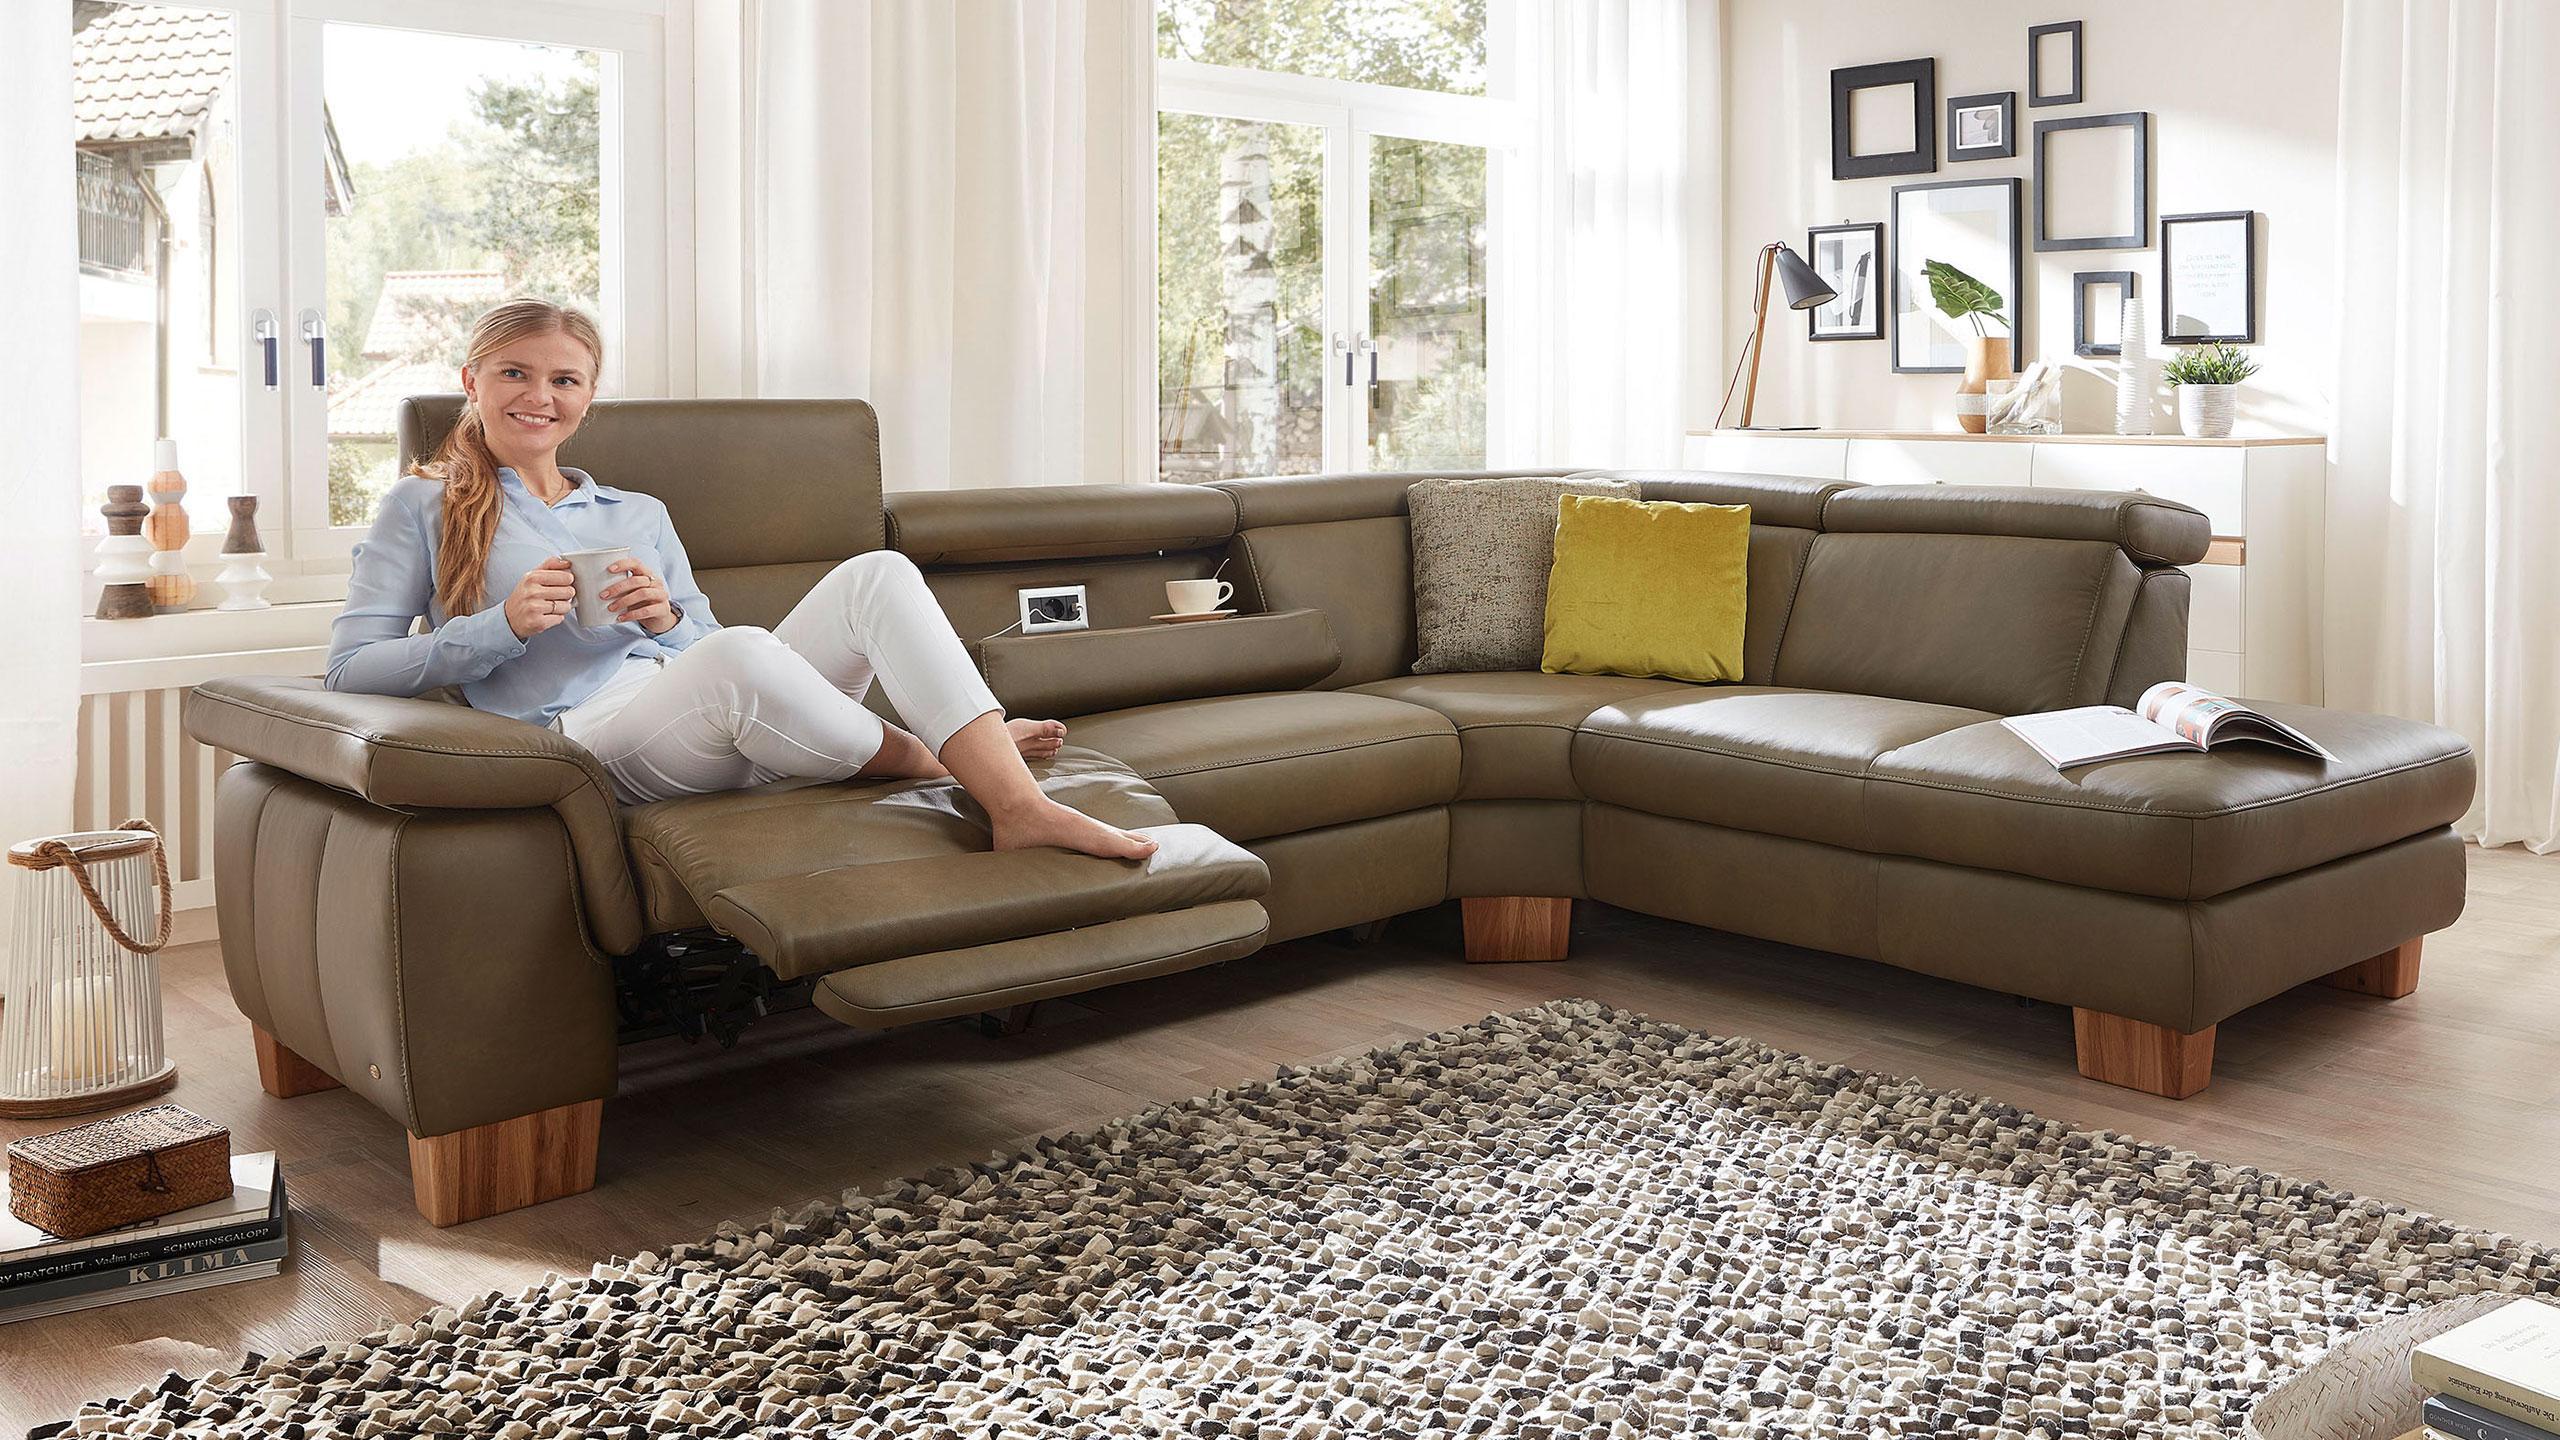 Full Size of Couch Mit Relaxfunktion Elektrisch Verstellbar Test Sofa Leder 3 Sitzer 3er Elektrischer 2 5 Ecksofa Mnchen Multipolster Große Kissen Singleküche Sofa Sofa Mit Relaxfunktion Elektrisch